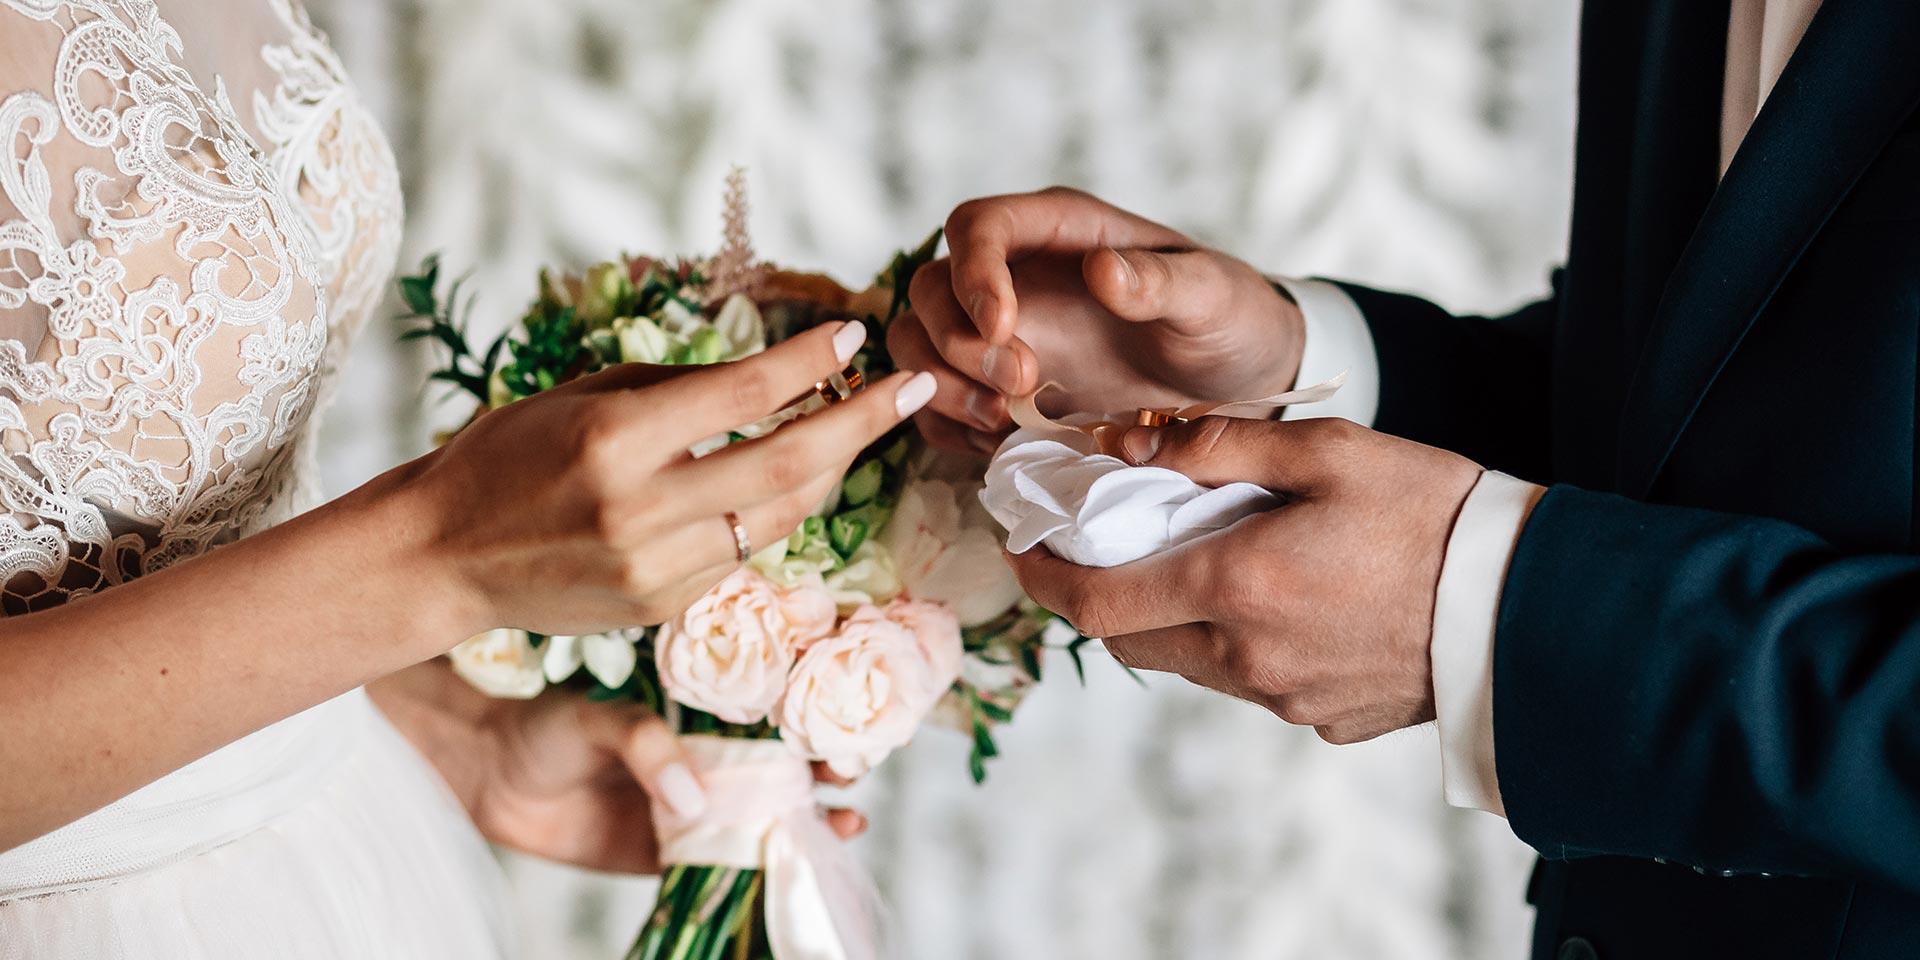 """""""nozzexpo-–-wedding-basilicata"""":-un-appuntamento-unico-per-i-futuri-sposi-alla-fiera-di-lagopesole"""